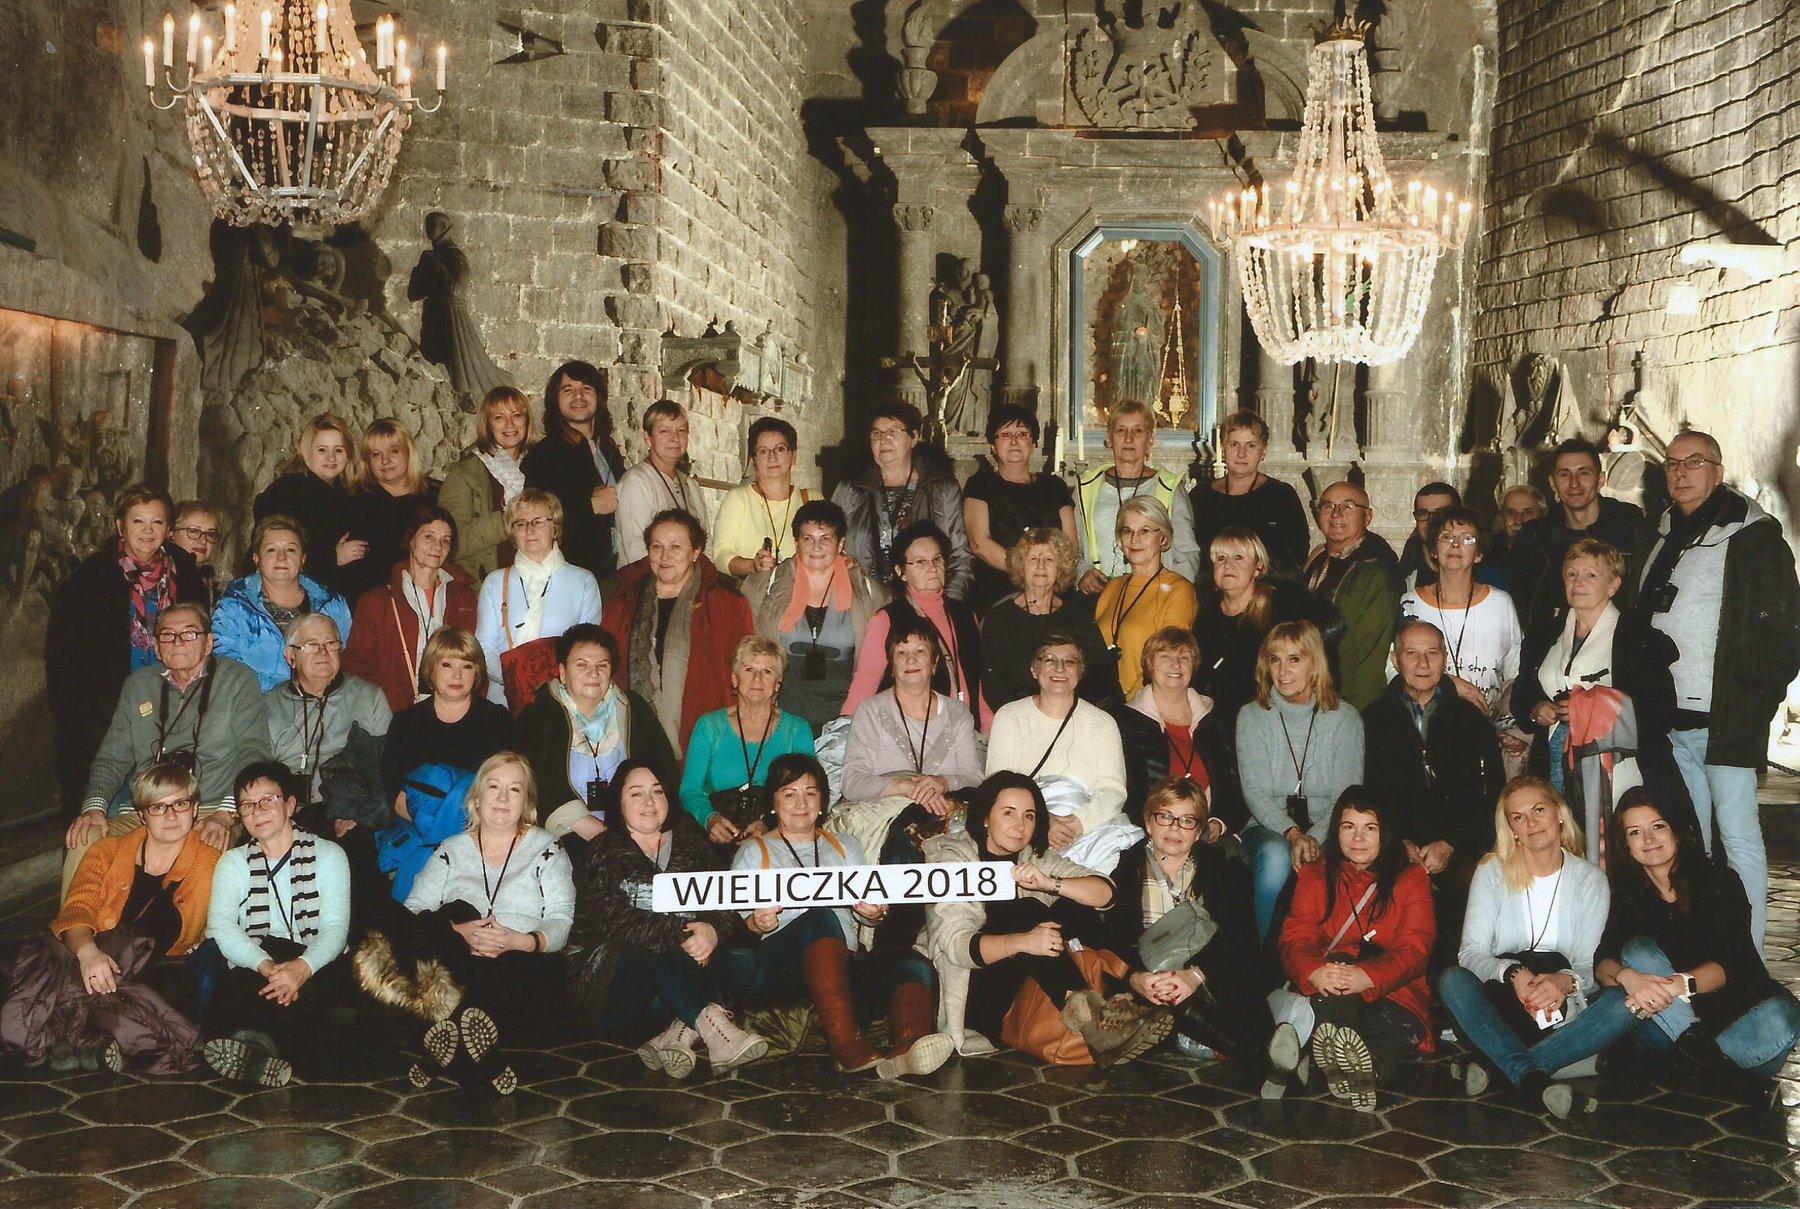 Wycieczka integracyjna do Wieliczki